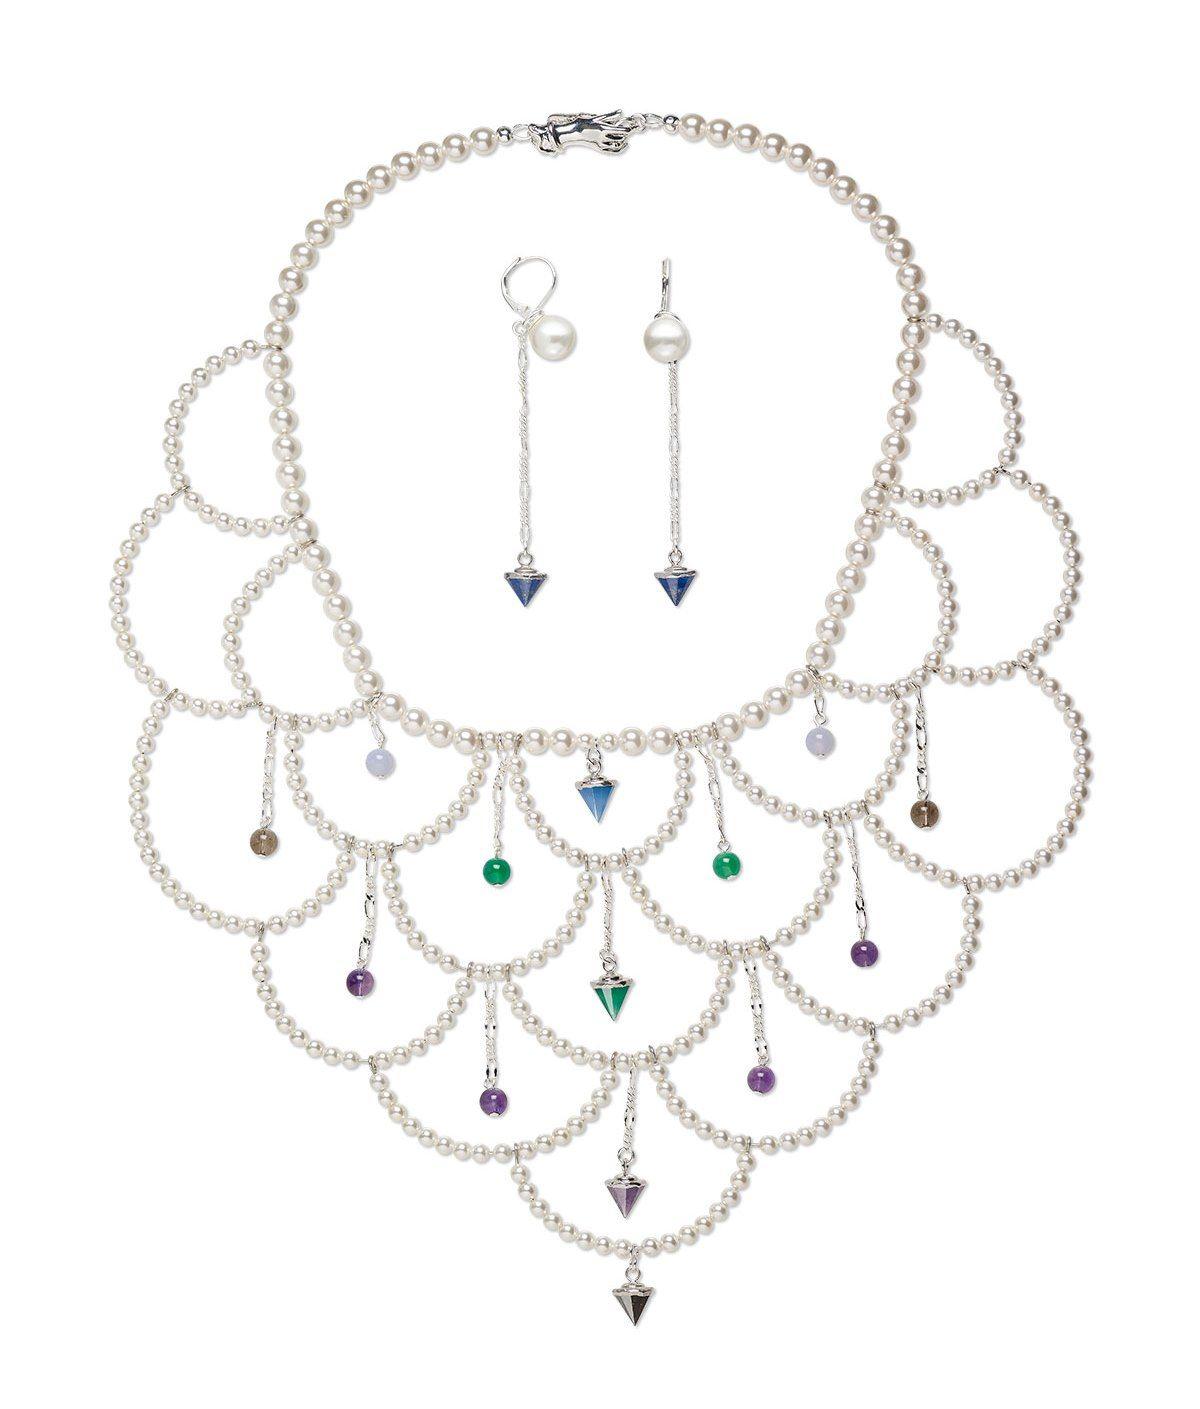 Swarovski Crystal Pearls And Gemstone Drops For A Wedding